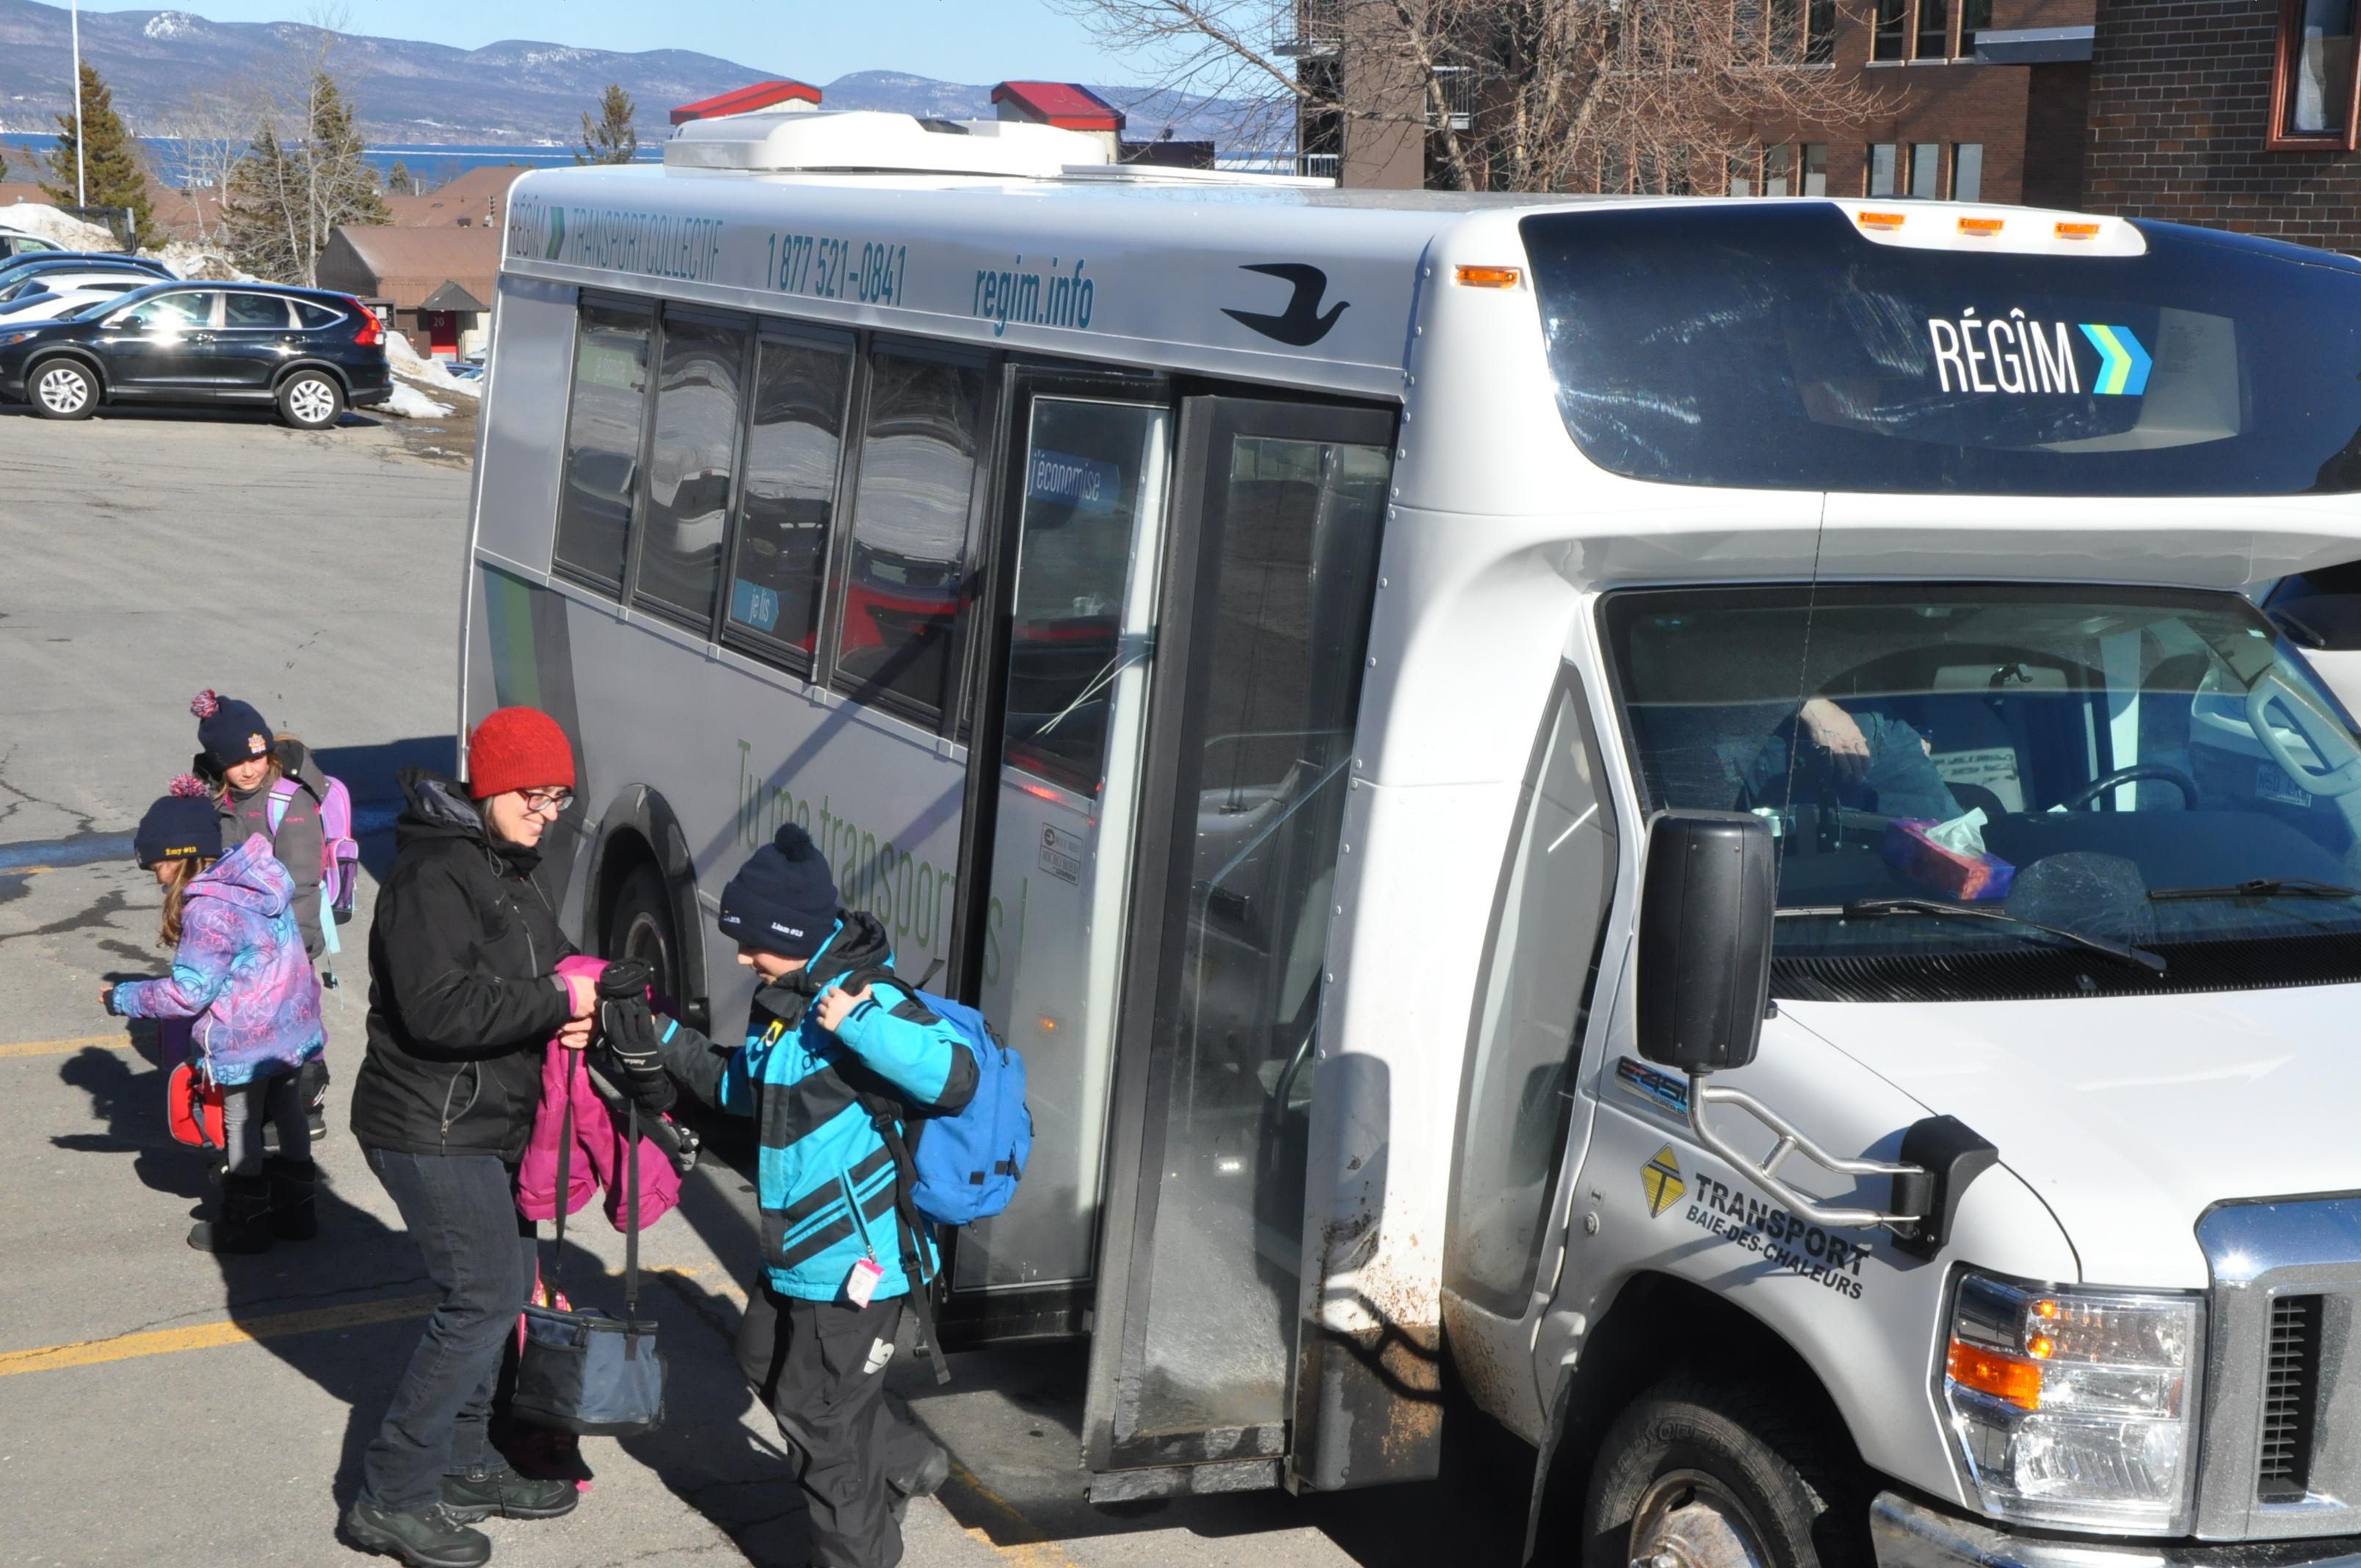 Bus RéGÎM régim Navette